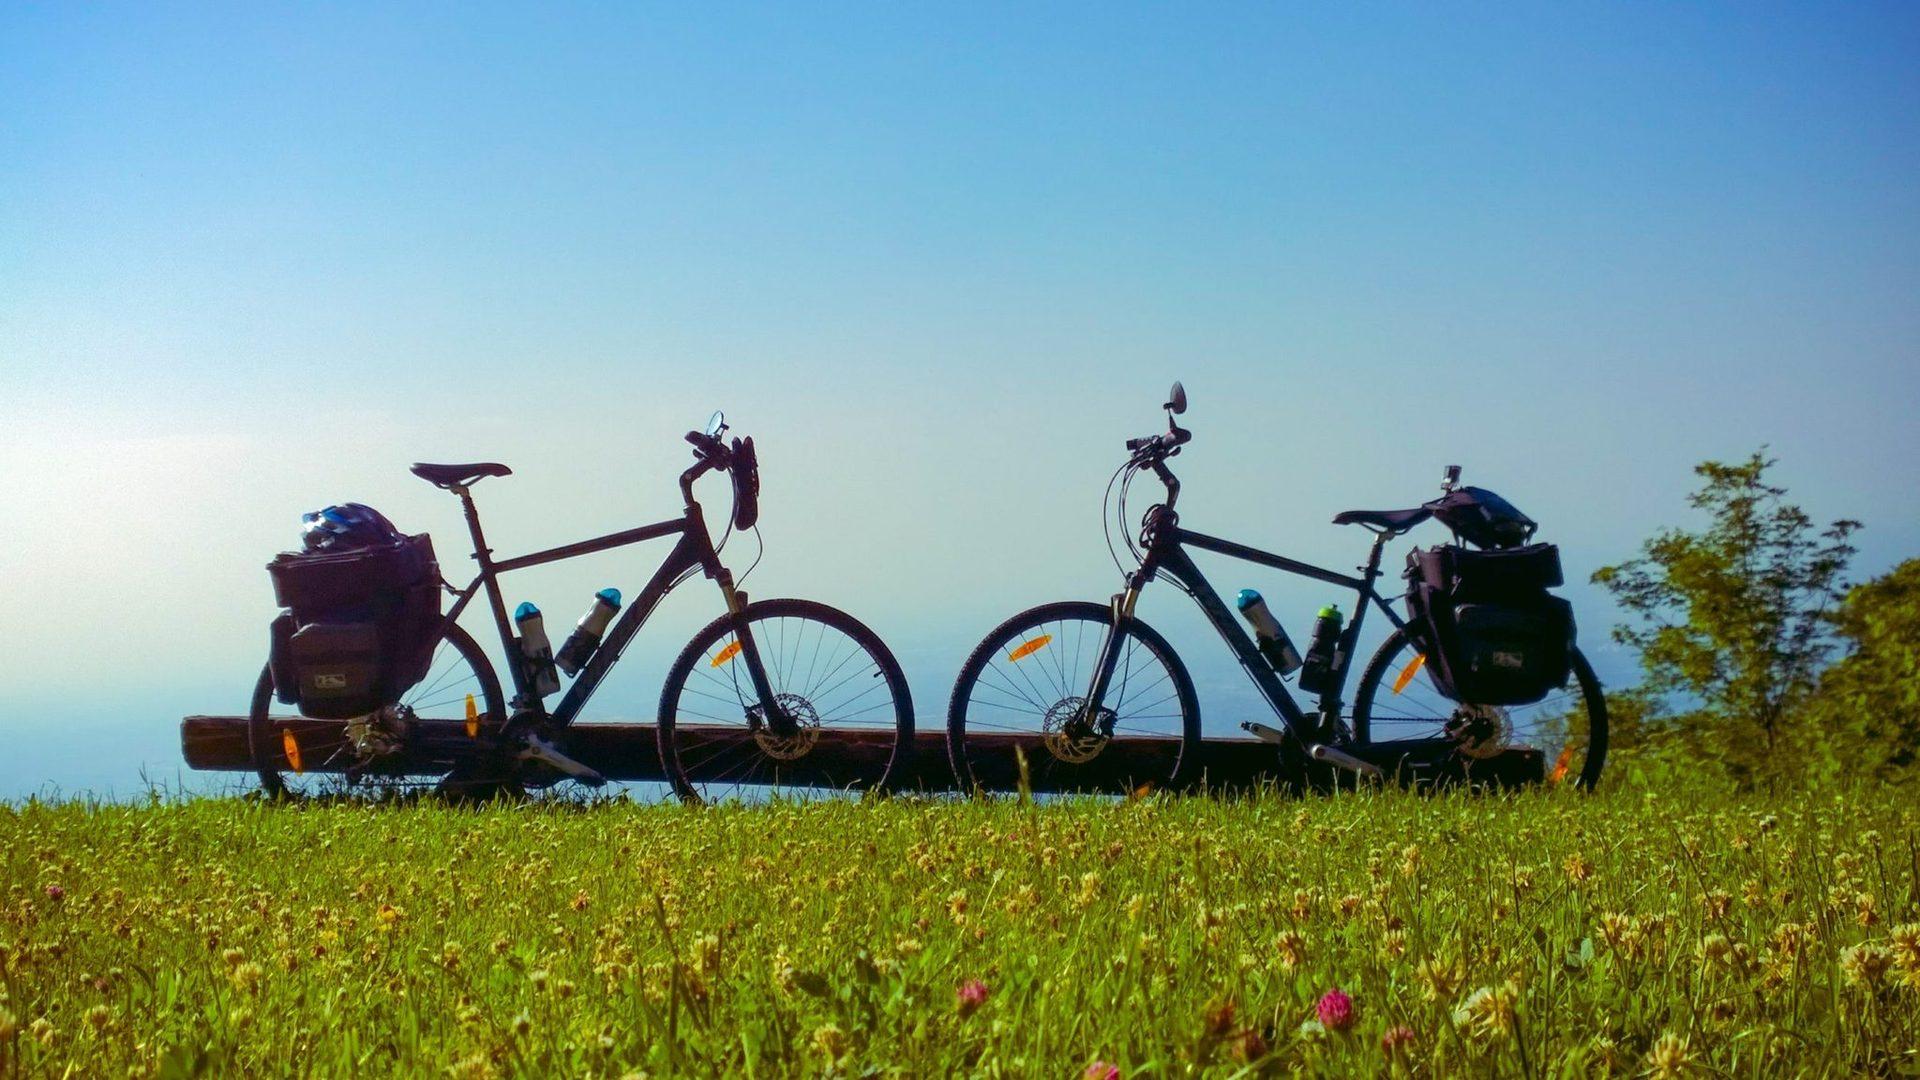 На курорті є кращий велосипедний центр Хорватії з тренувальними трасами та курсами V Sport Point, який пропонує різноманітні види спорту і на суші, і у воді, щоденну програму Stay Fit, а також веселе нічне життя.